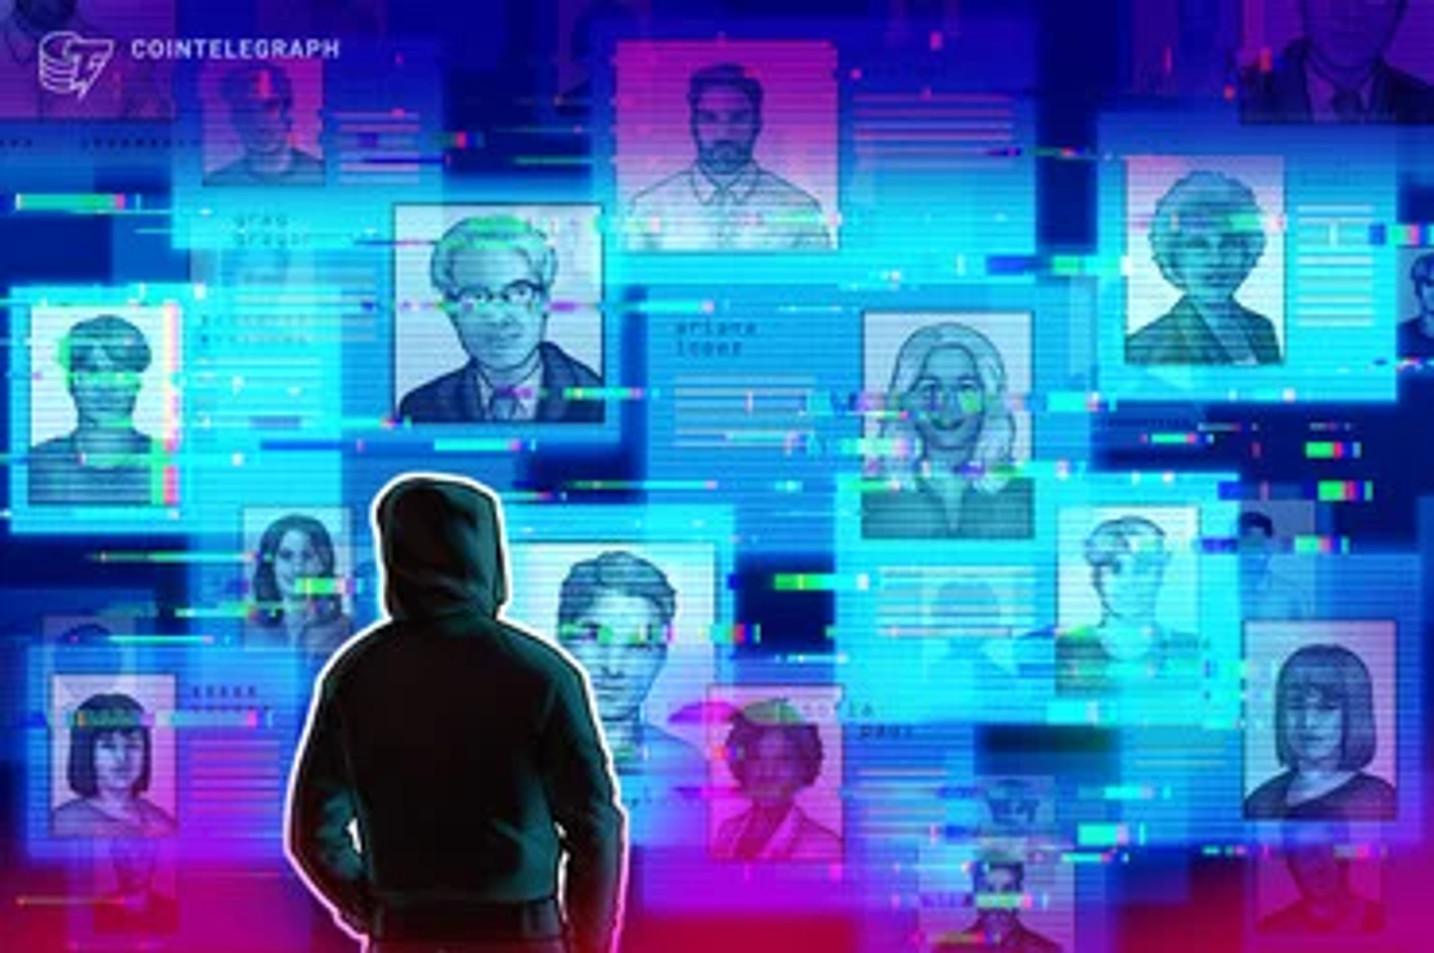 웁살라시큐리티, 가상자산 사이버범죄 수사 솔루션 개발